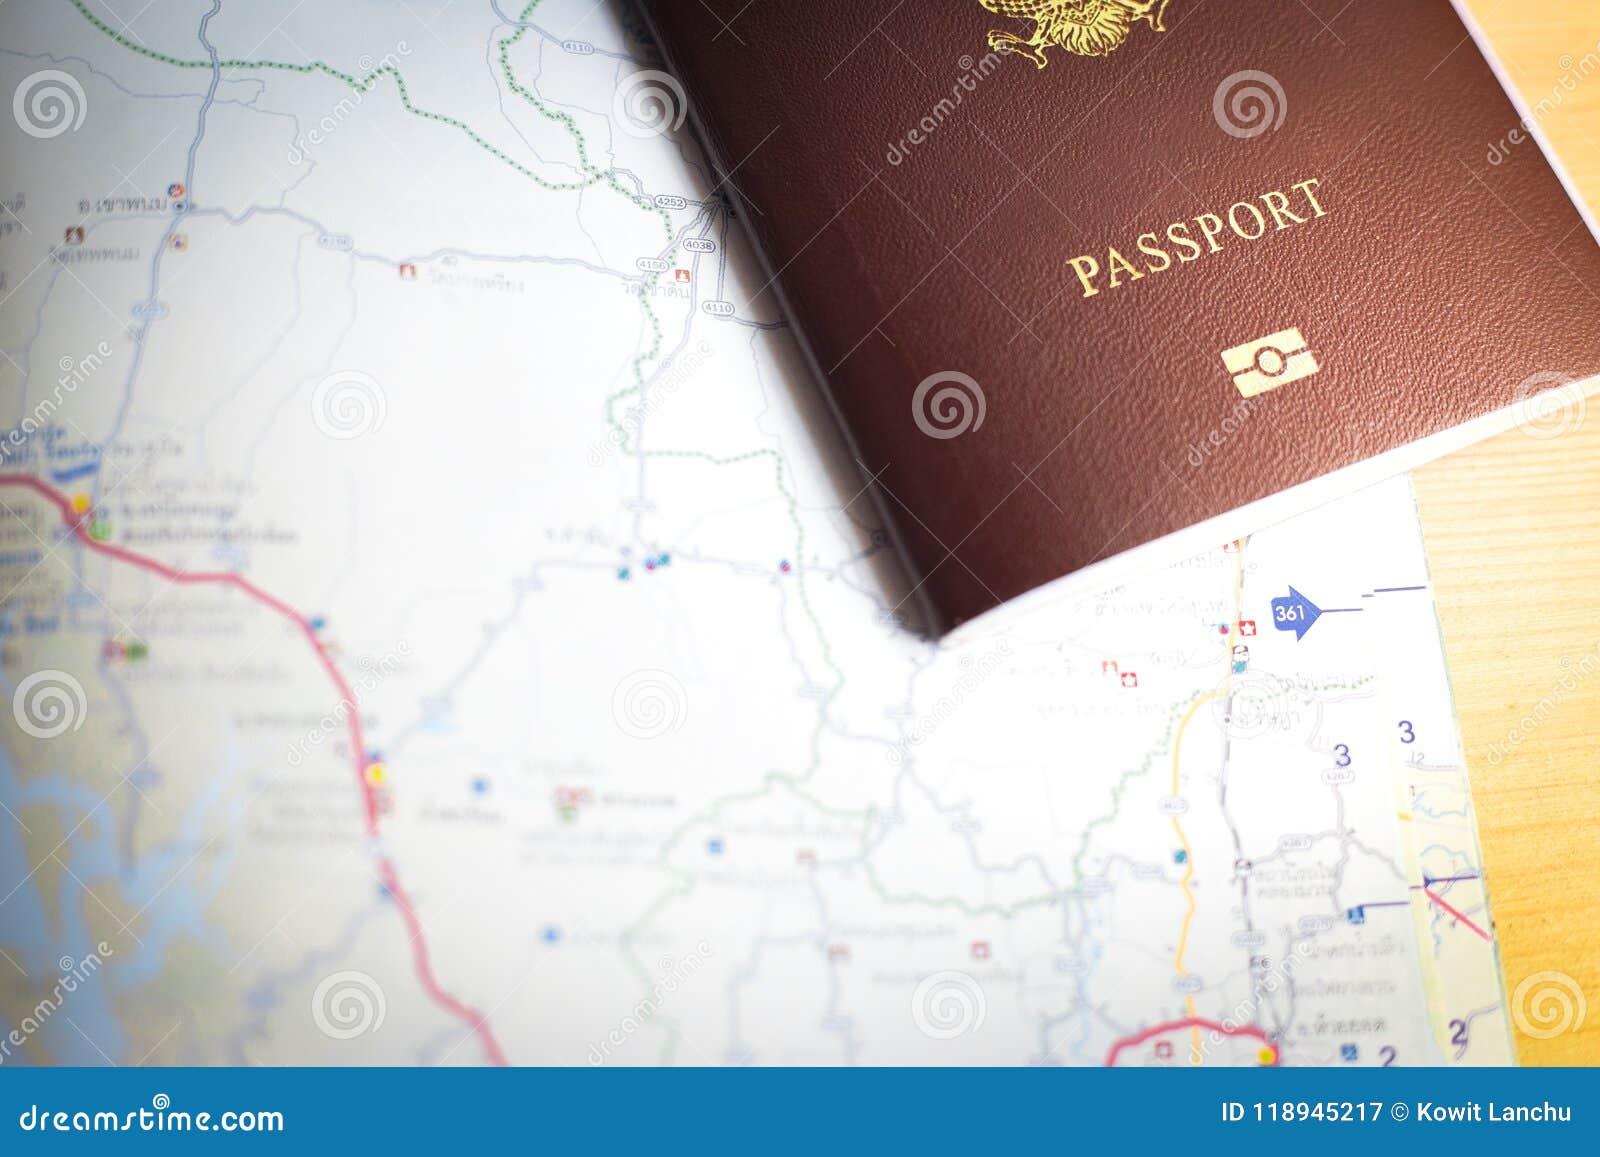 Hintergrund der Reise mit Pass und Karte